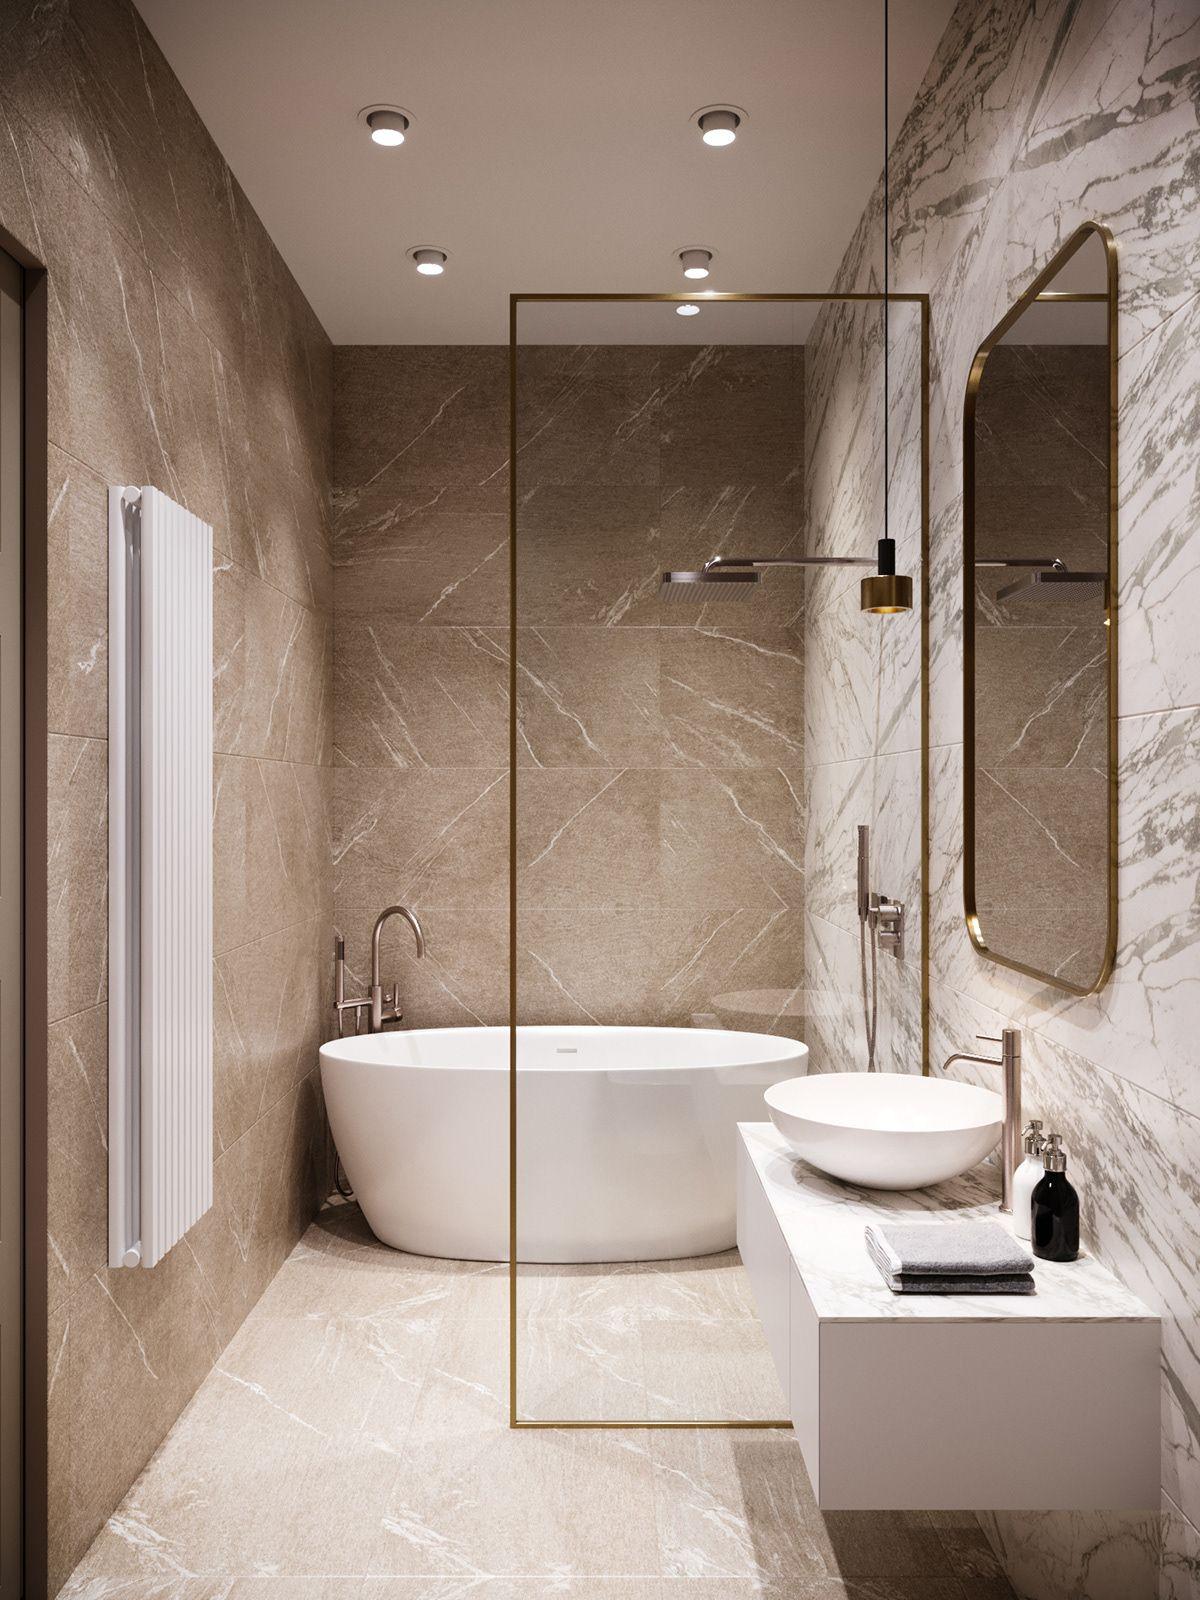 Marble On Behance Small Bathroom Interior Modern Luxury Bathroom Washroom Design Minimalist luxury small bathroom